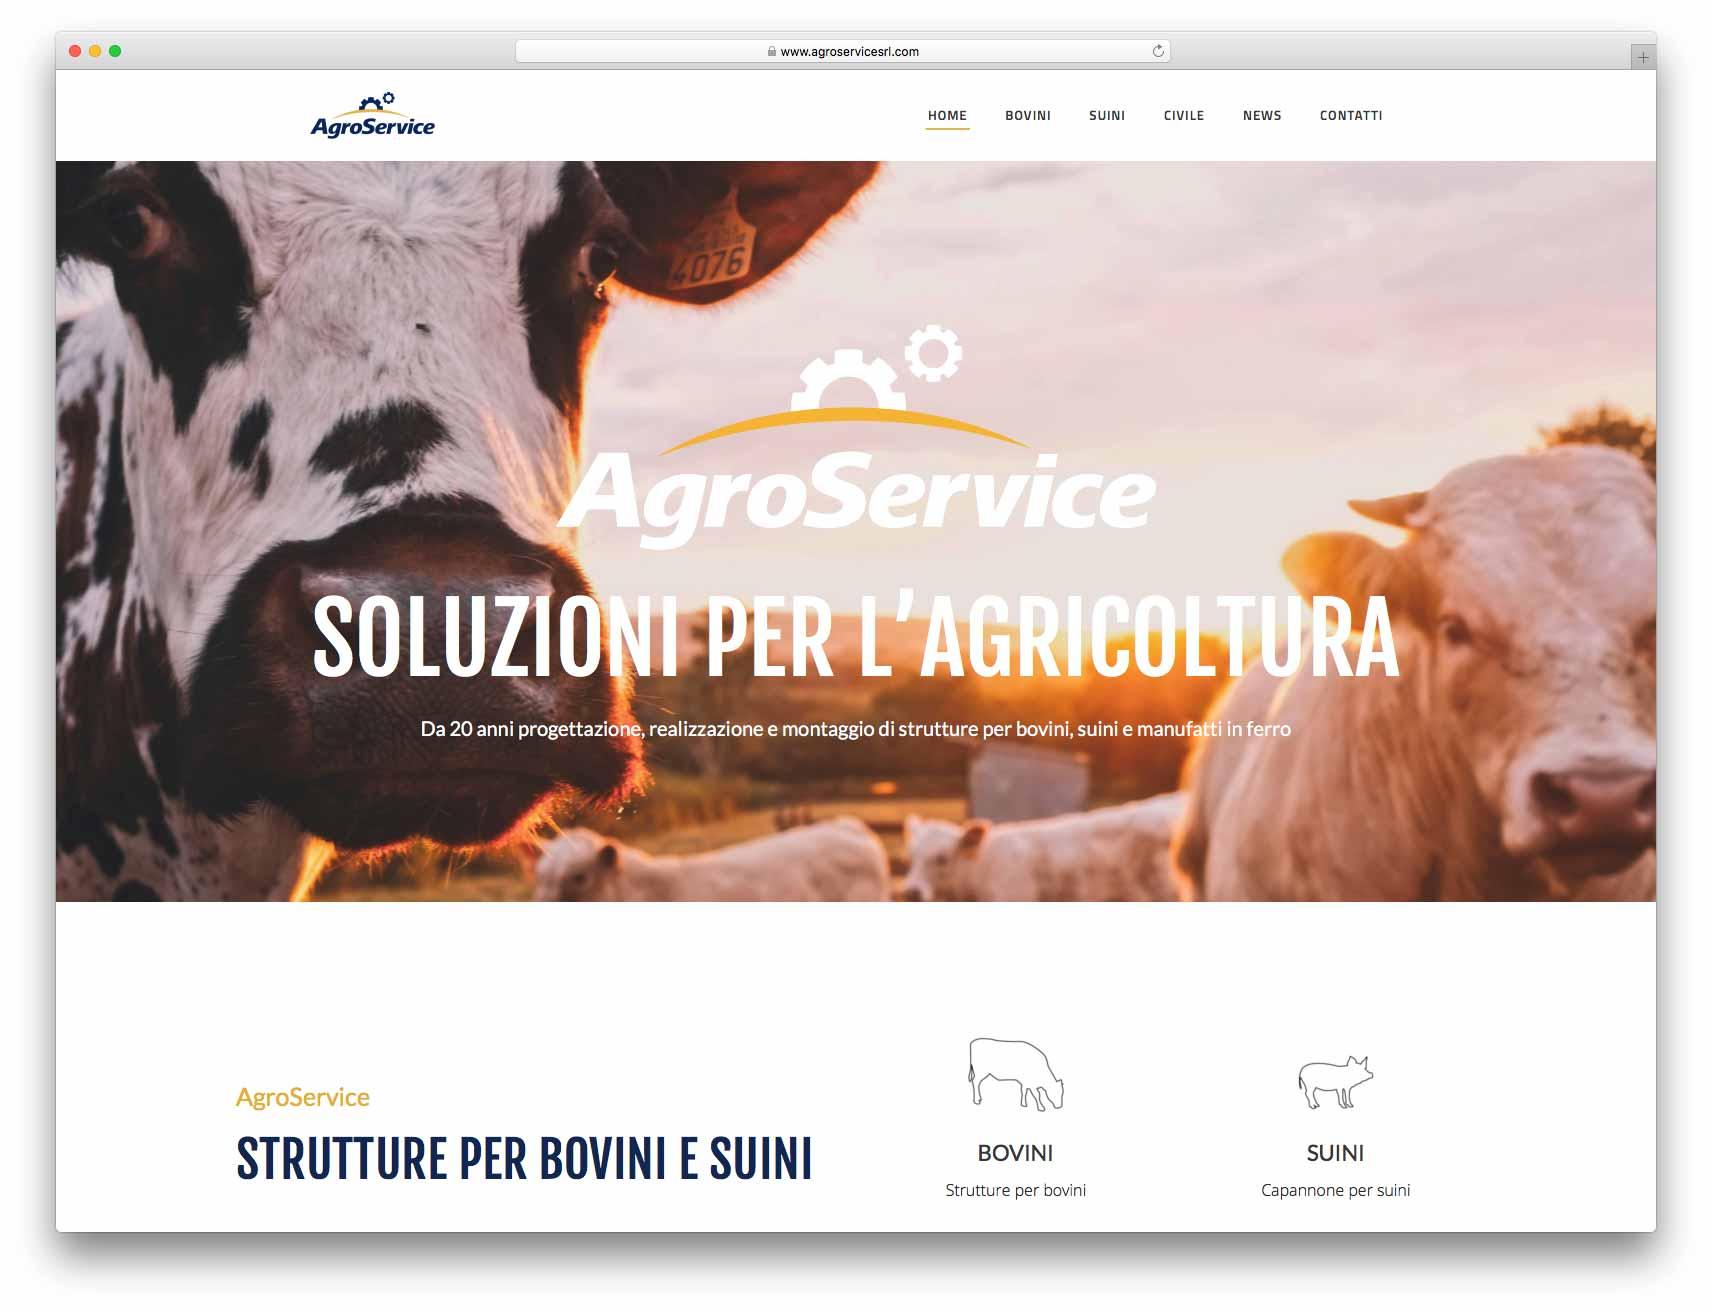 creazione siti web brescia - Agenzia P - sito web Agroservice